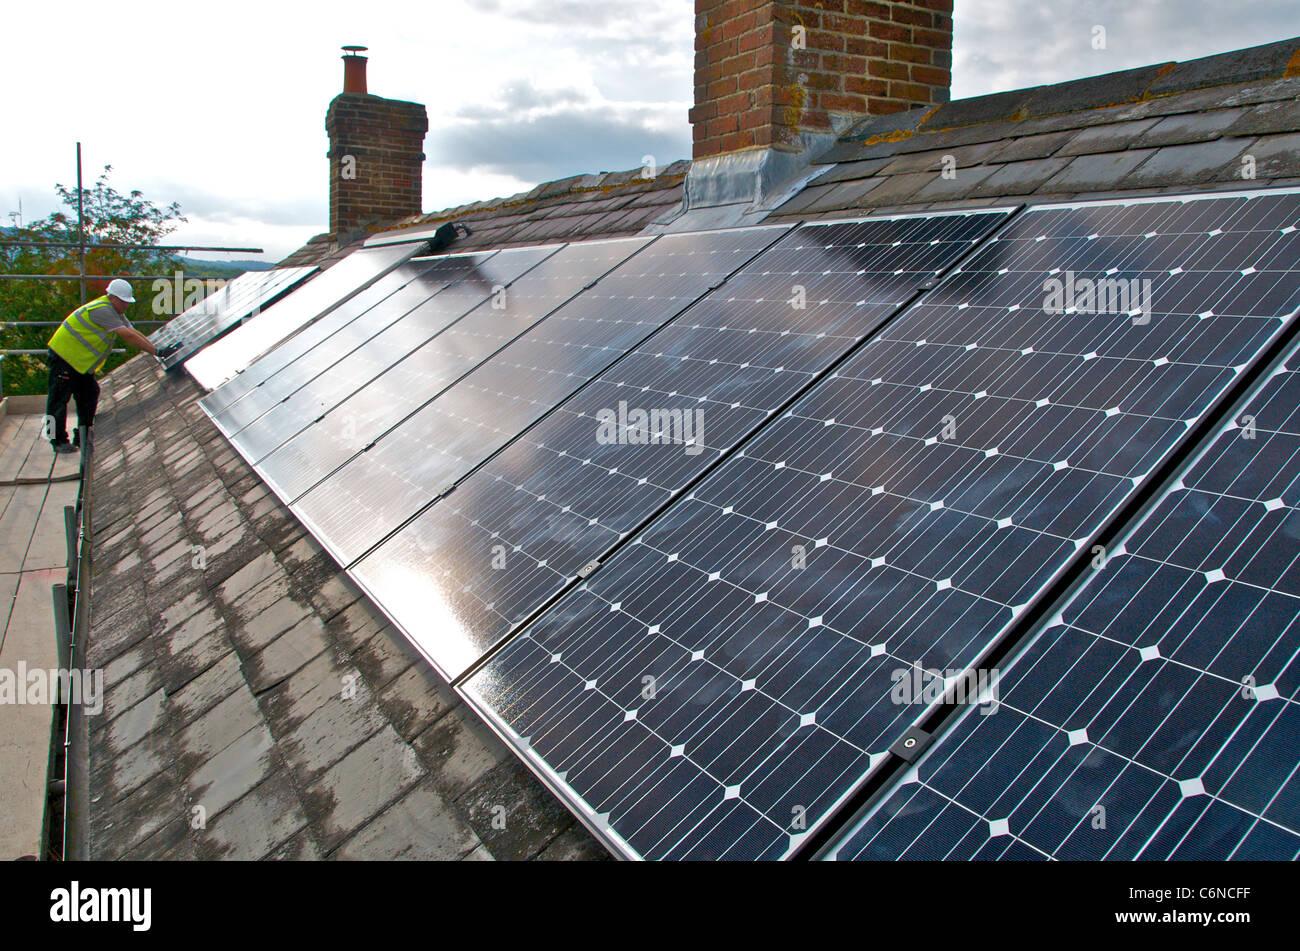 photovoltaik module auf dem dach die nutzung von solarenergie zur stromerzeugung stockfoto. Black Bedroom Furniture Sets. Home Design Ideas